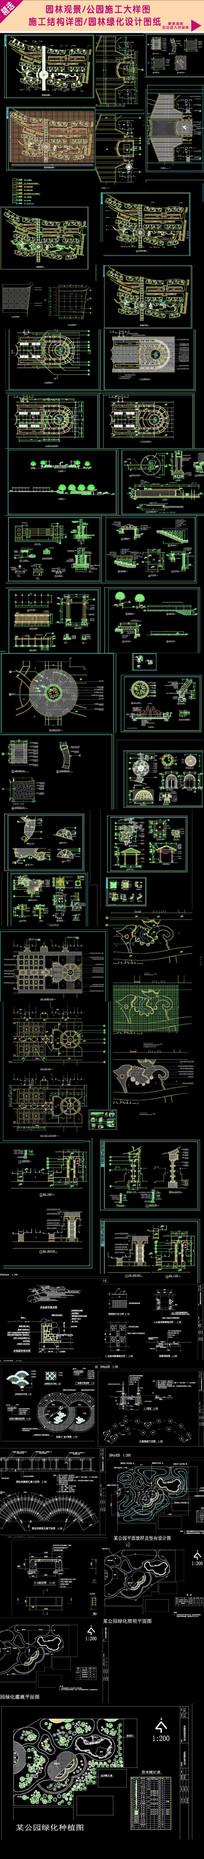 公园观景绿化设计施工图